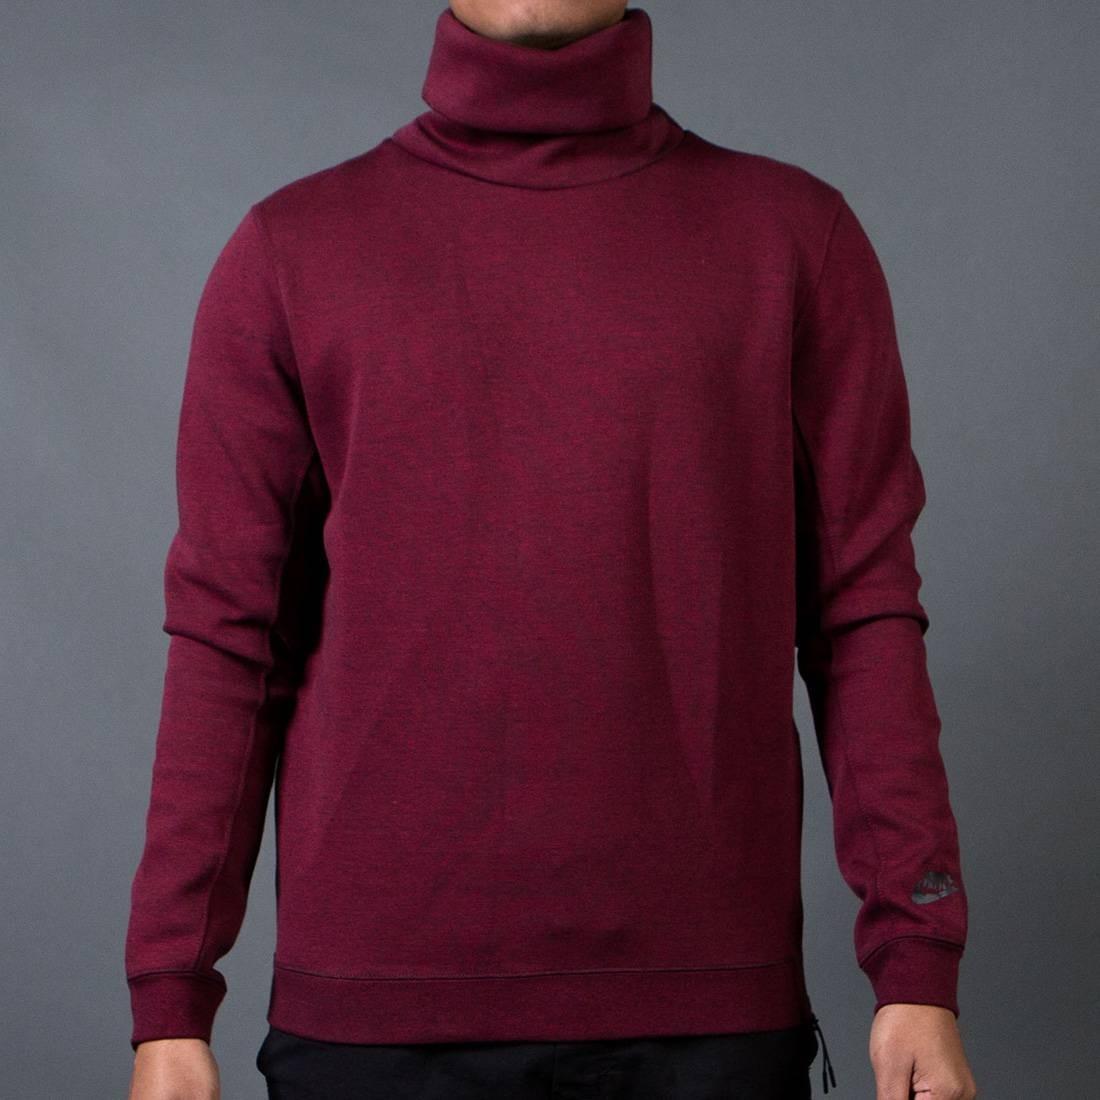 Nike Men Tech Fleece Funnel Sweatshirt (red / team red / black / heather / black)